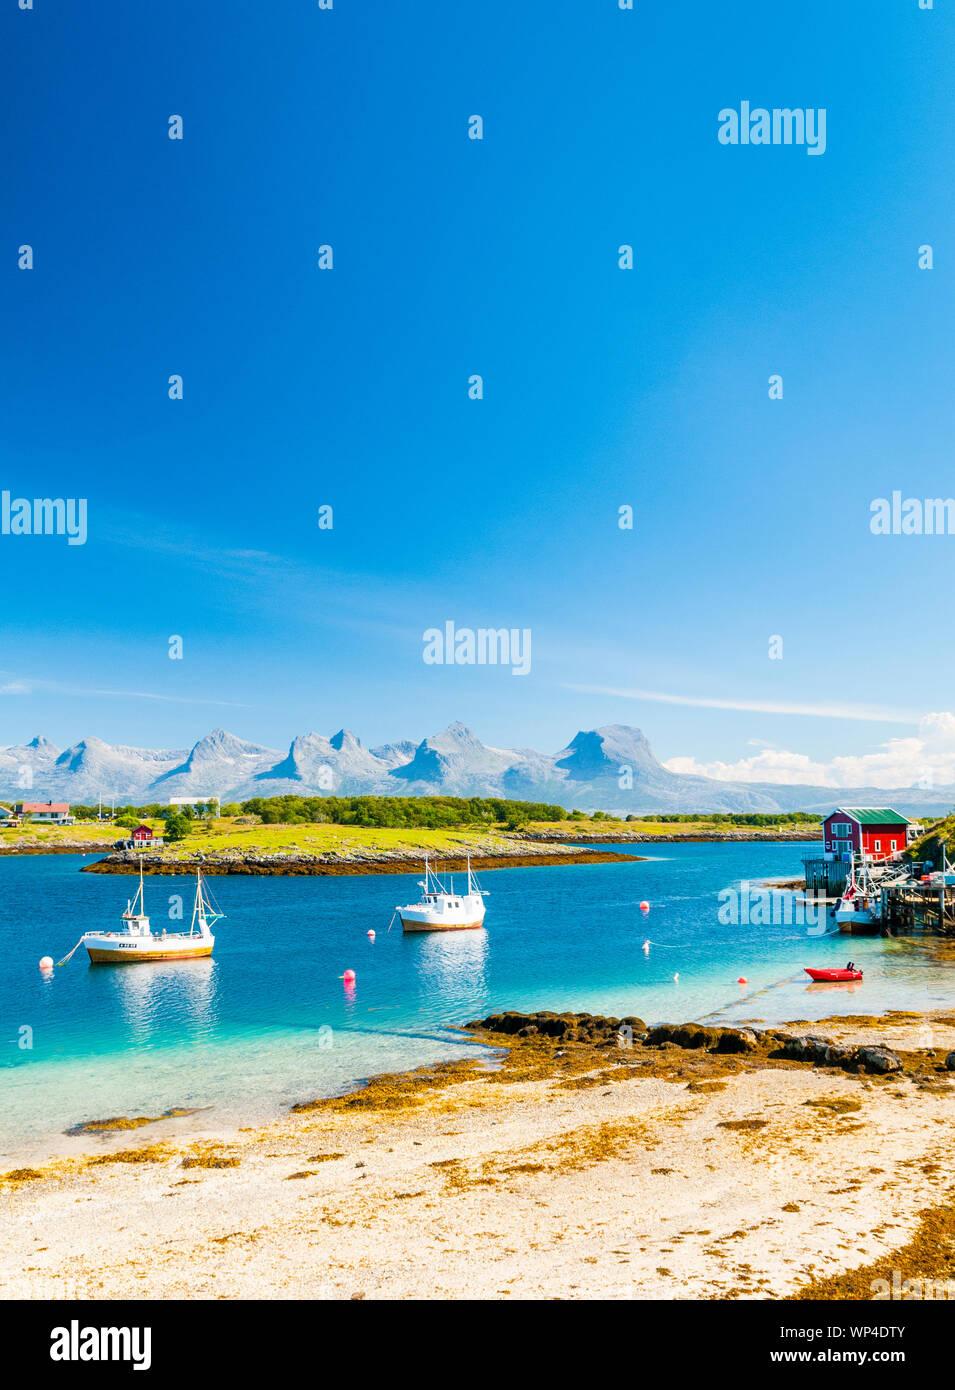 Le montagne di sette sorelle in Norvegia settentrionale visto dall'isola di Herøy. Foto Stock